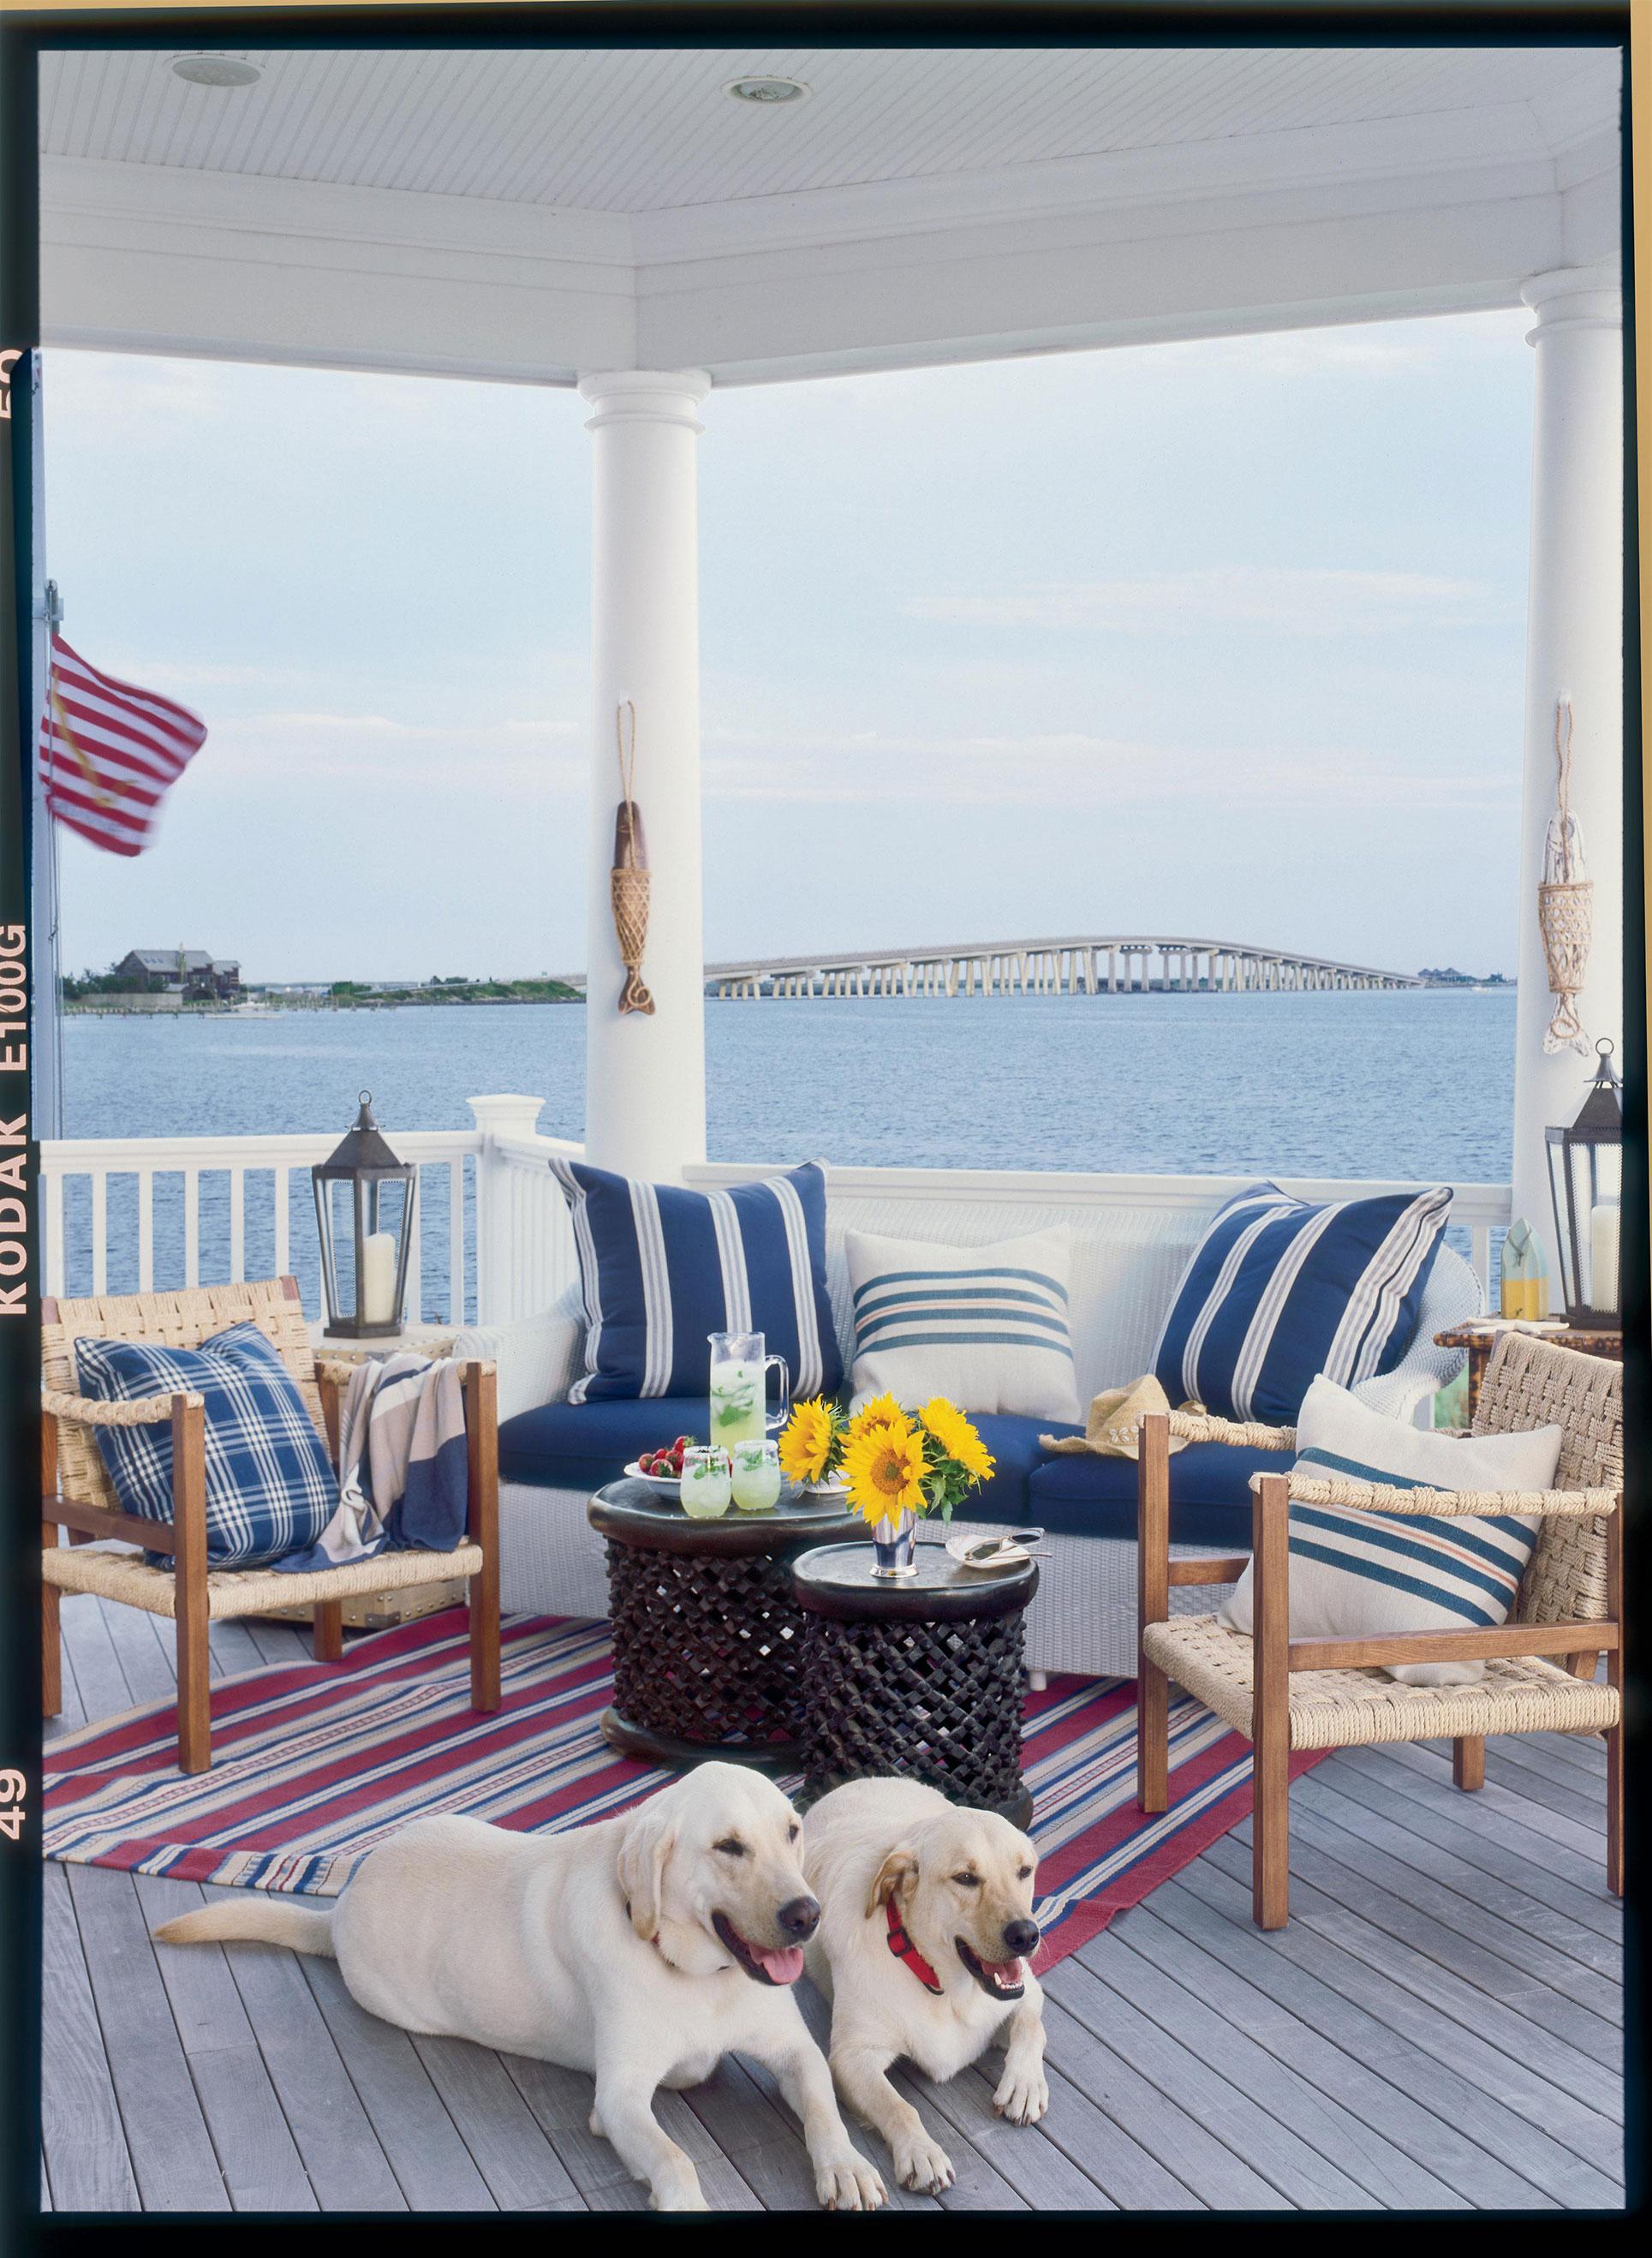 RWI---The-Hamptons,-NY-14_web.jpg